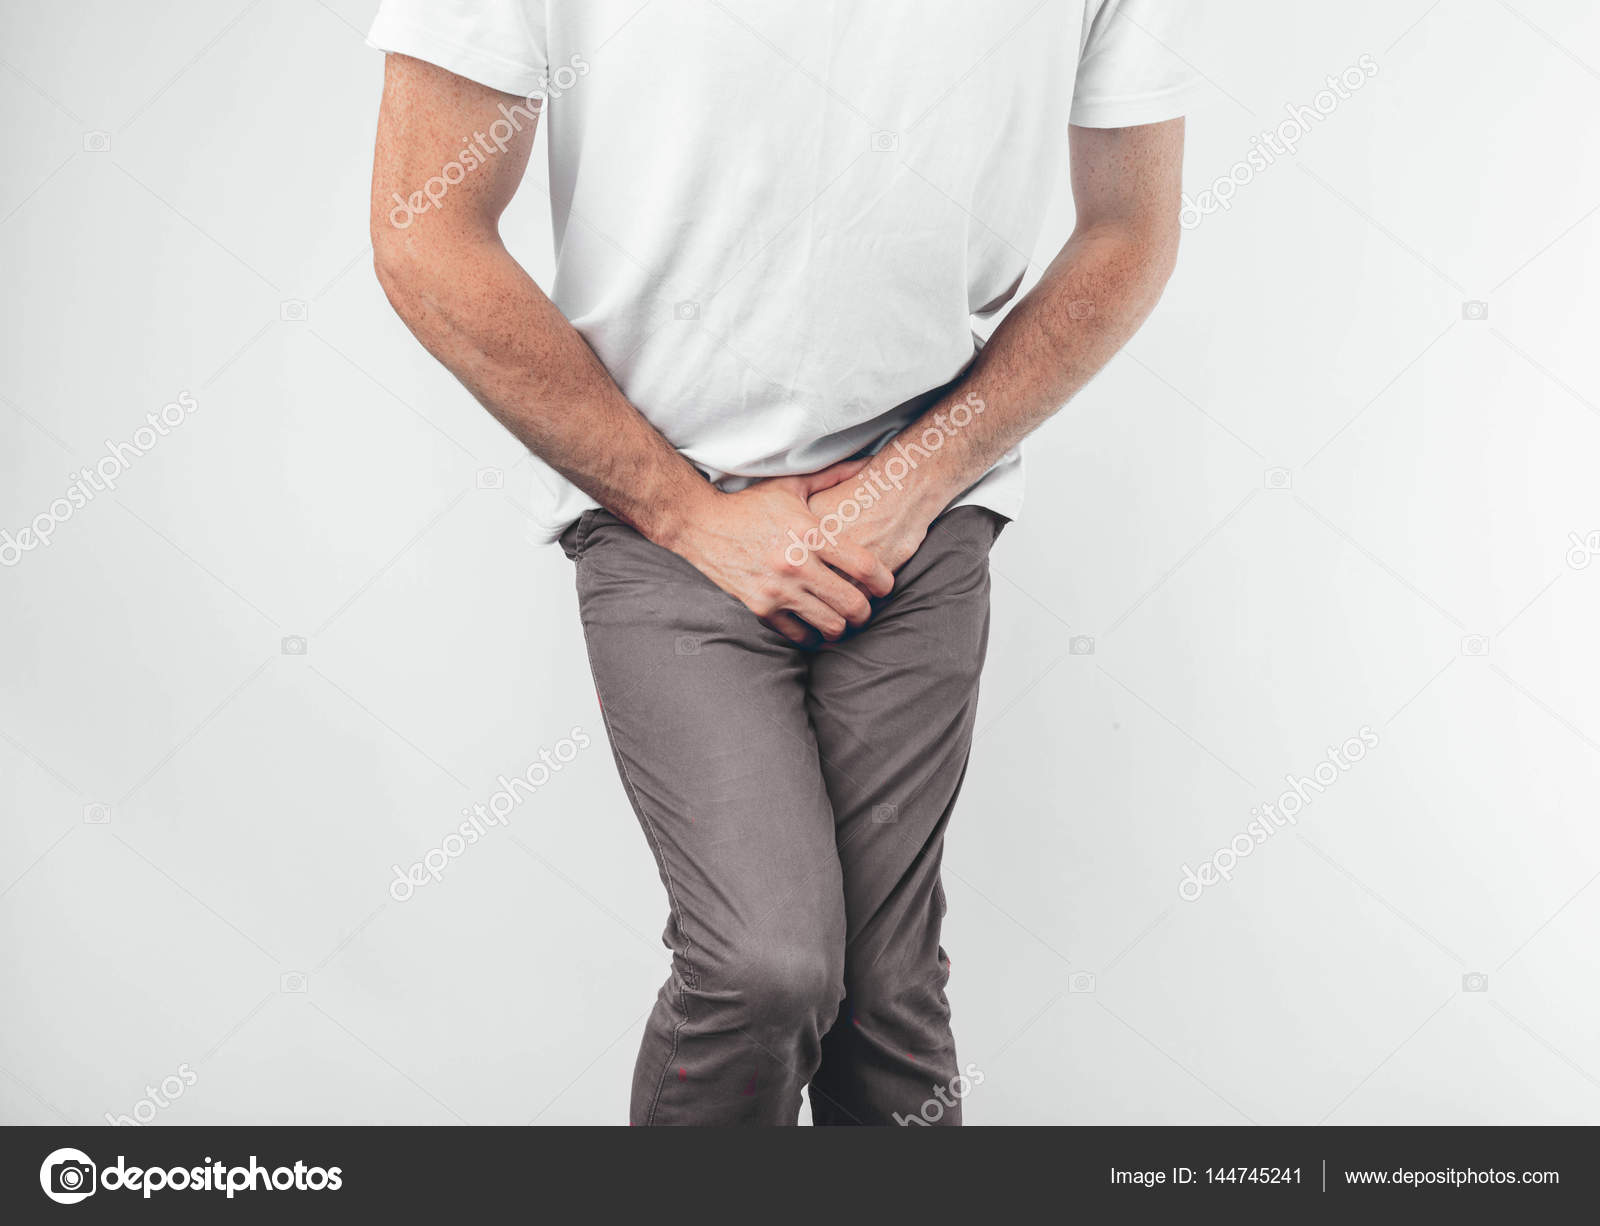 fagyassza le a péniszét pénisz nem kelt fel reggel